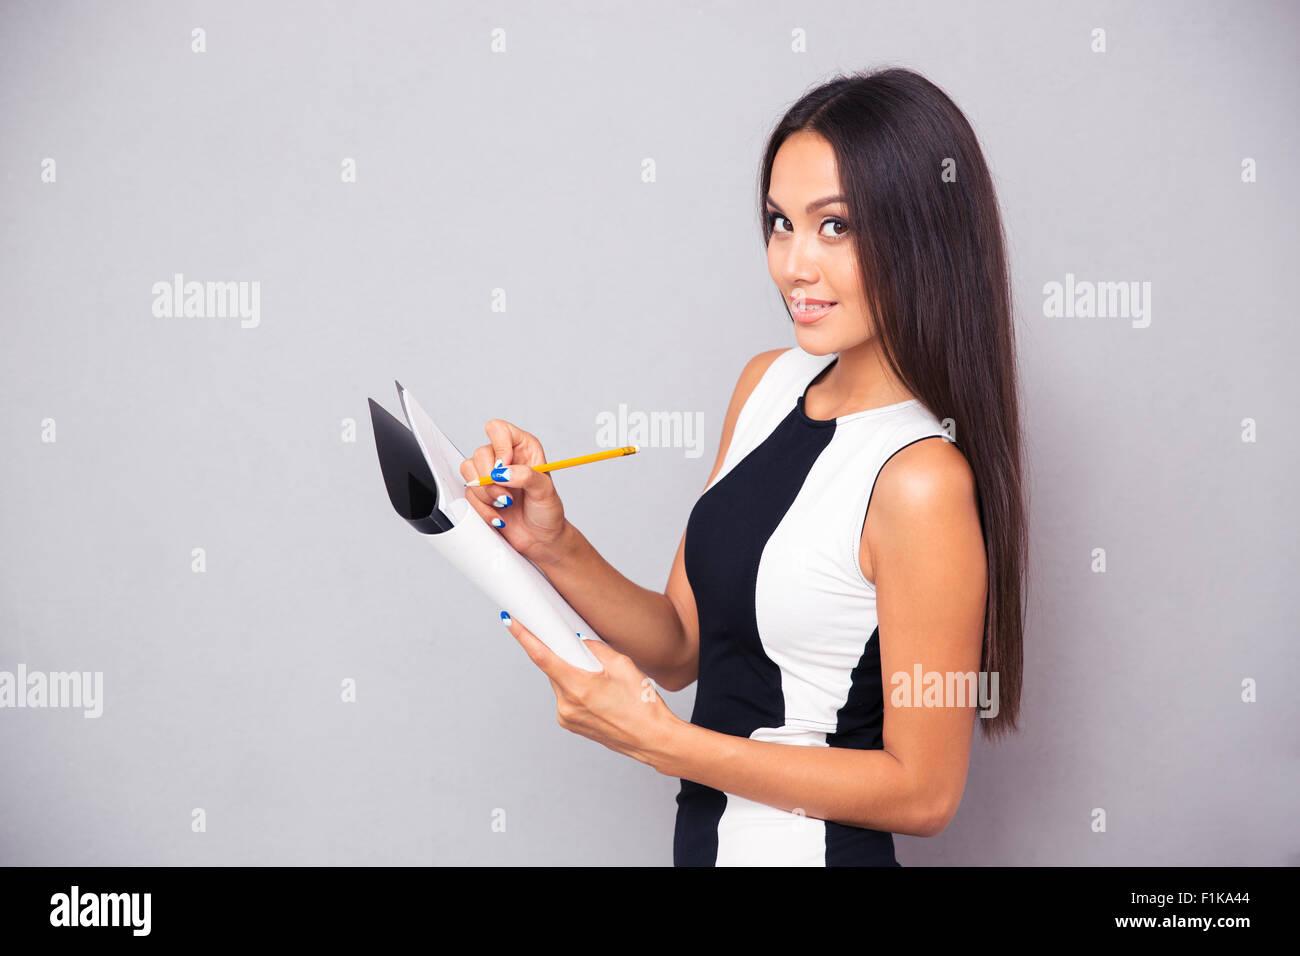 Ritratto di una donna felice scrivere appunti nel Blocco note su sfondo grigio e guardando la fotocamera Immagini Stock